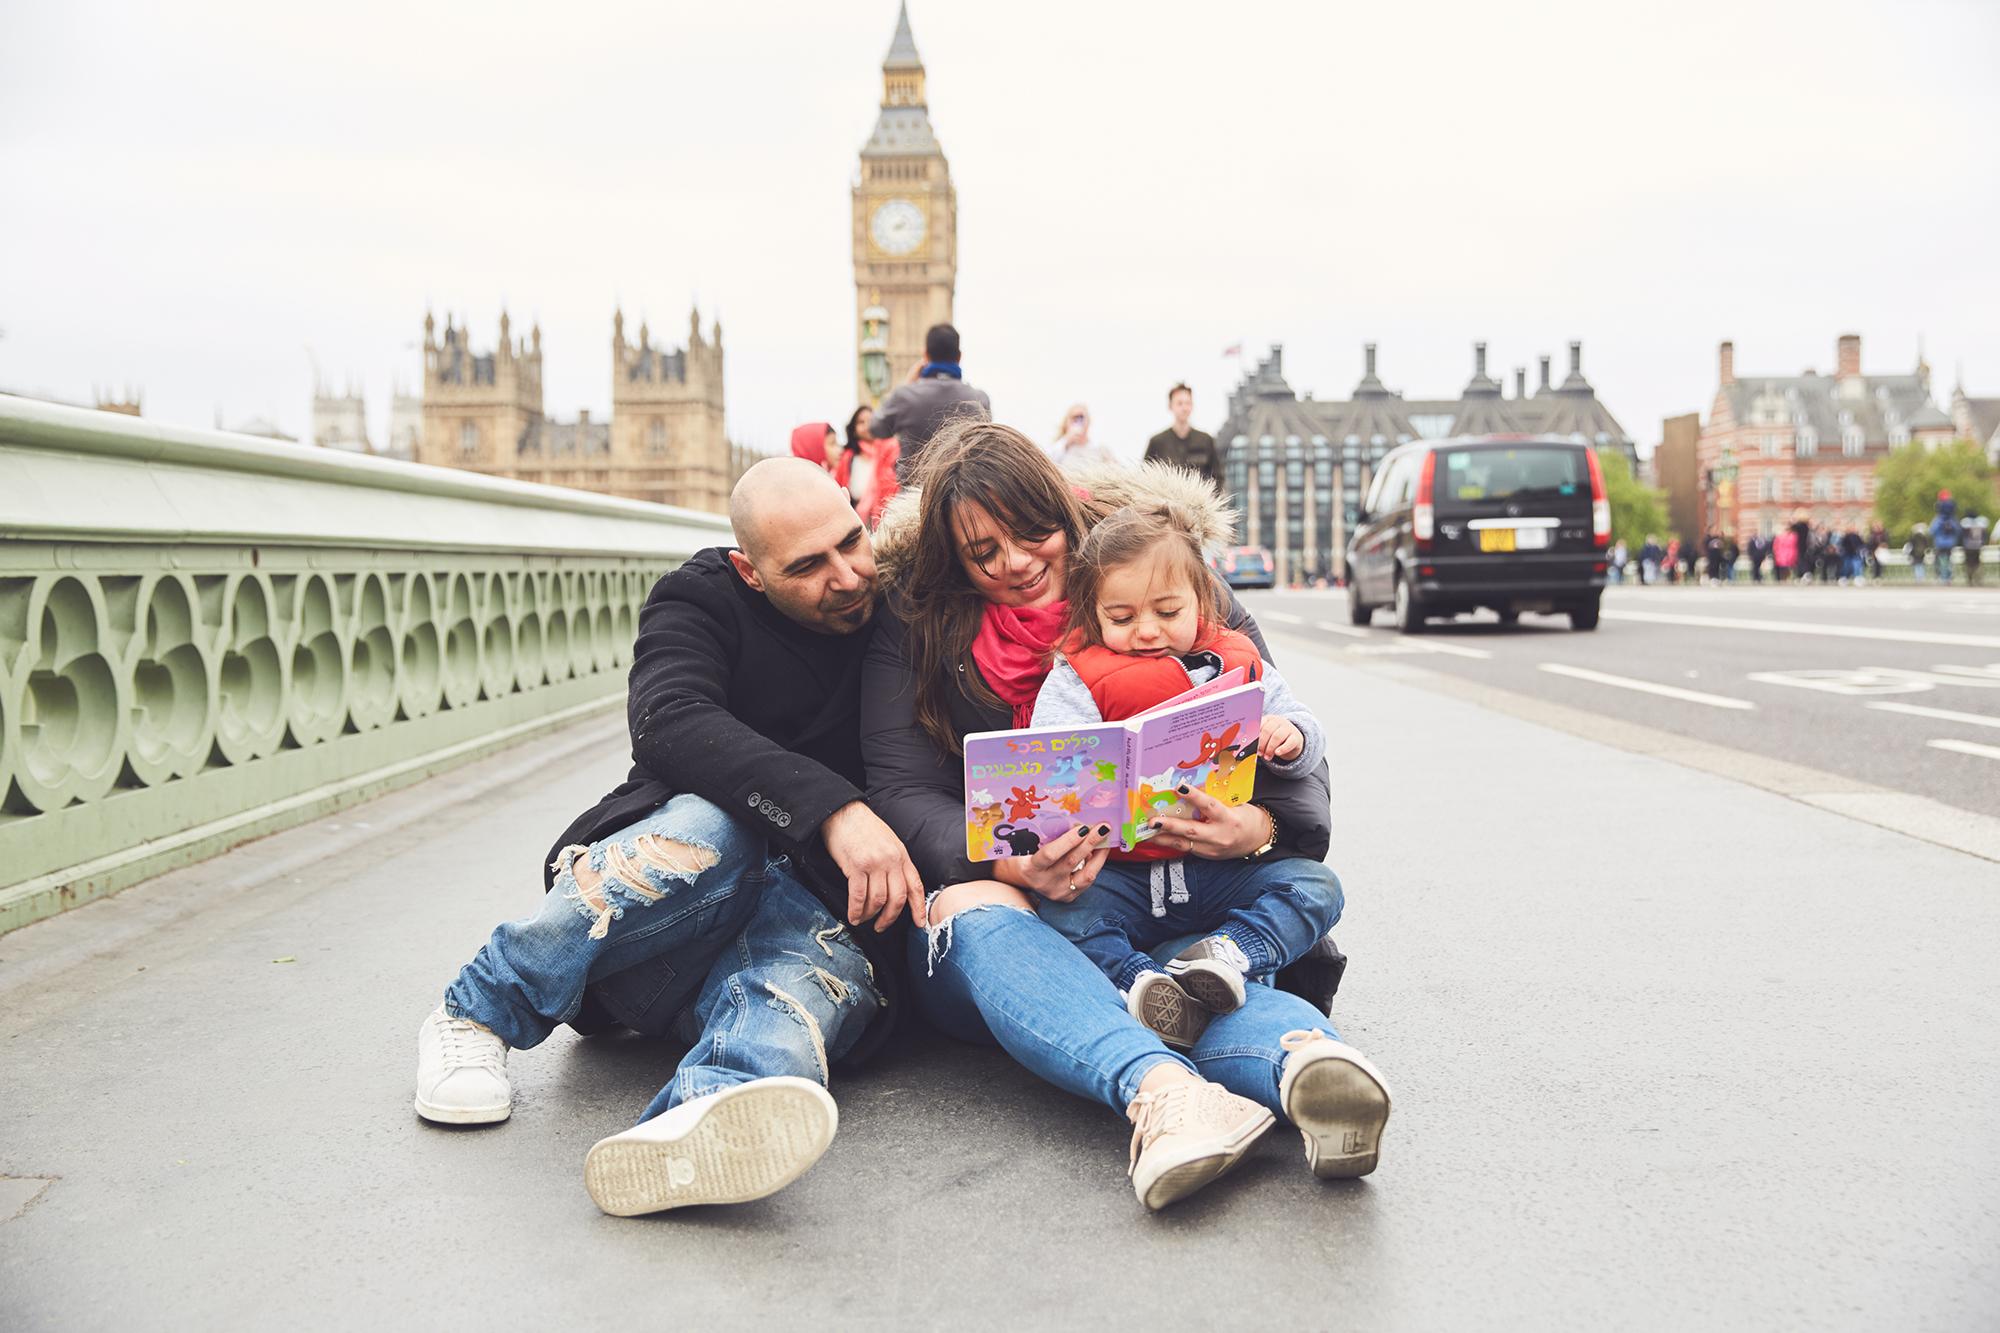 צילום משפחתי / צלמת משפחות